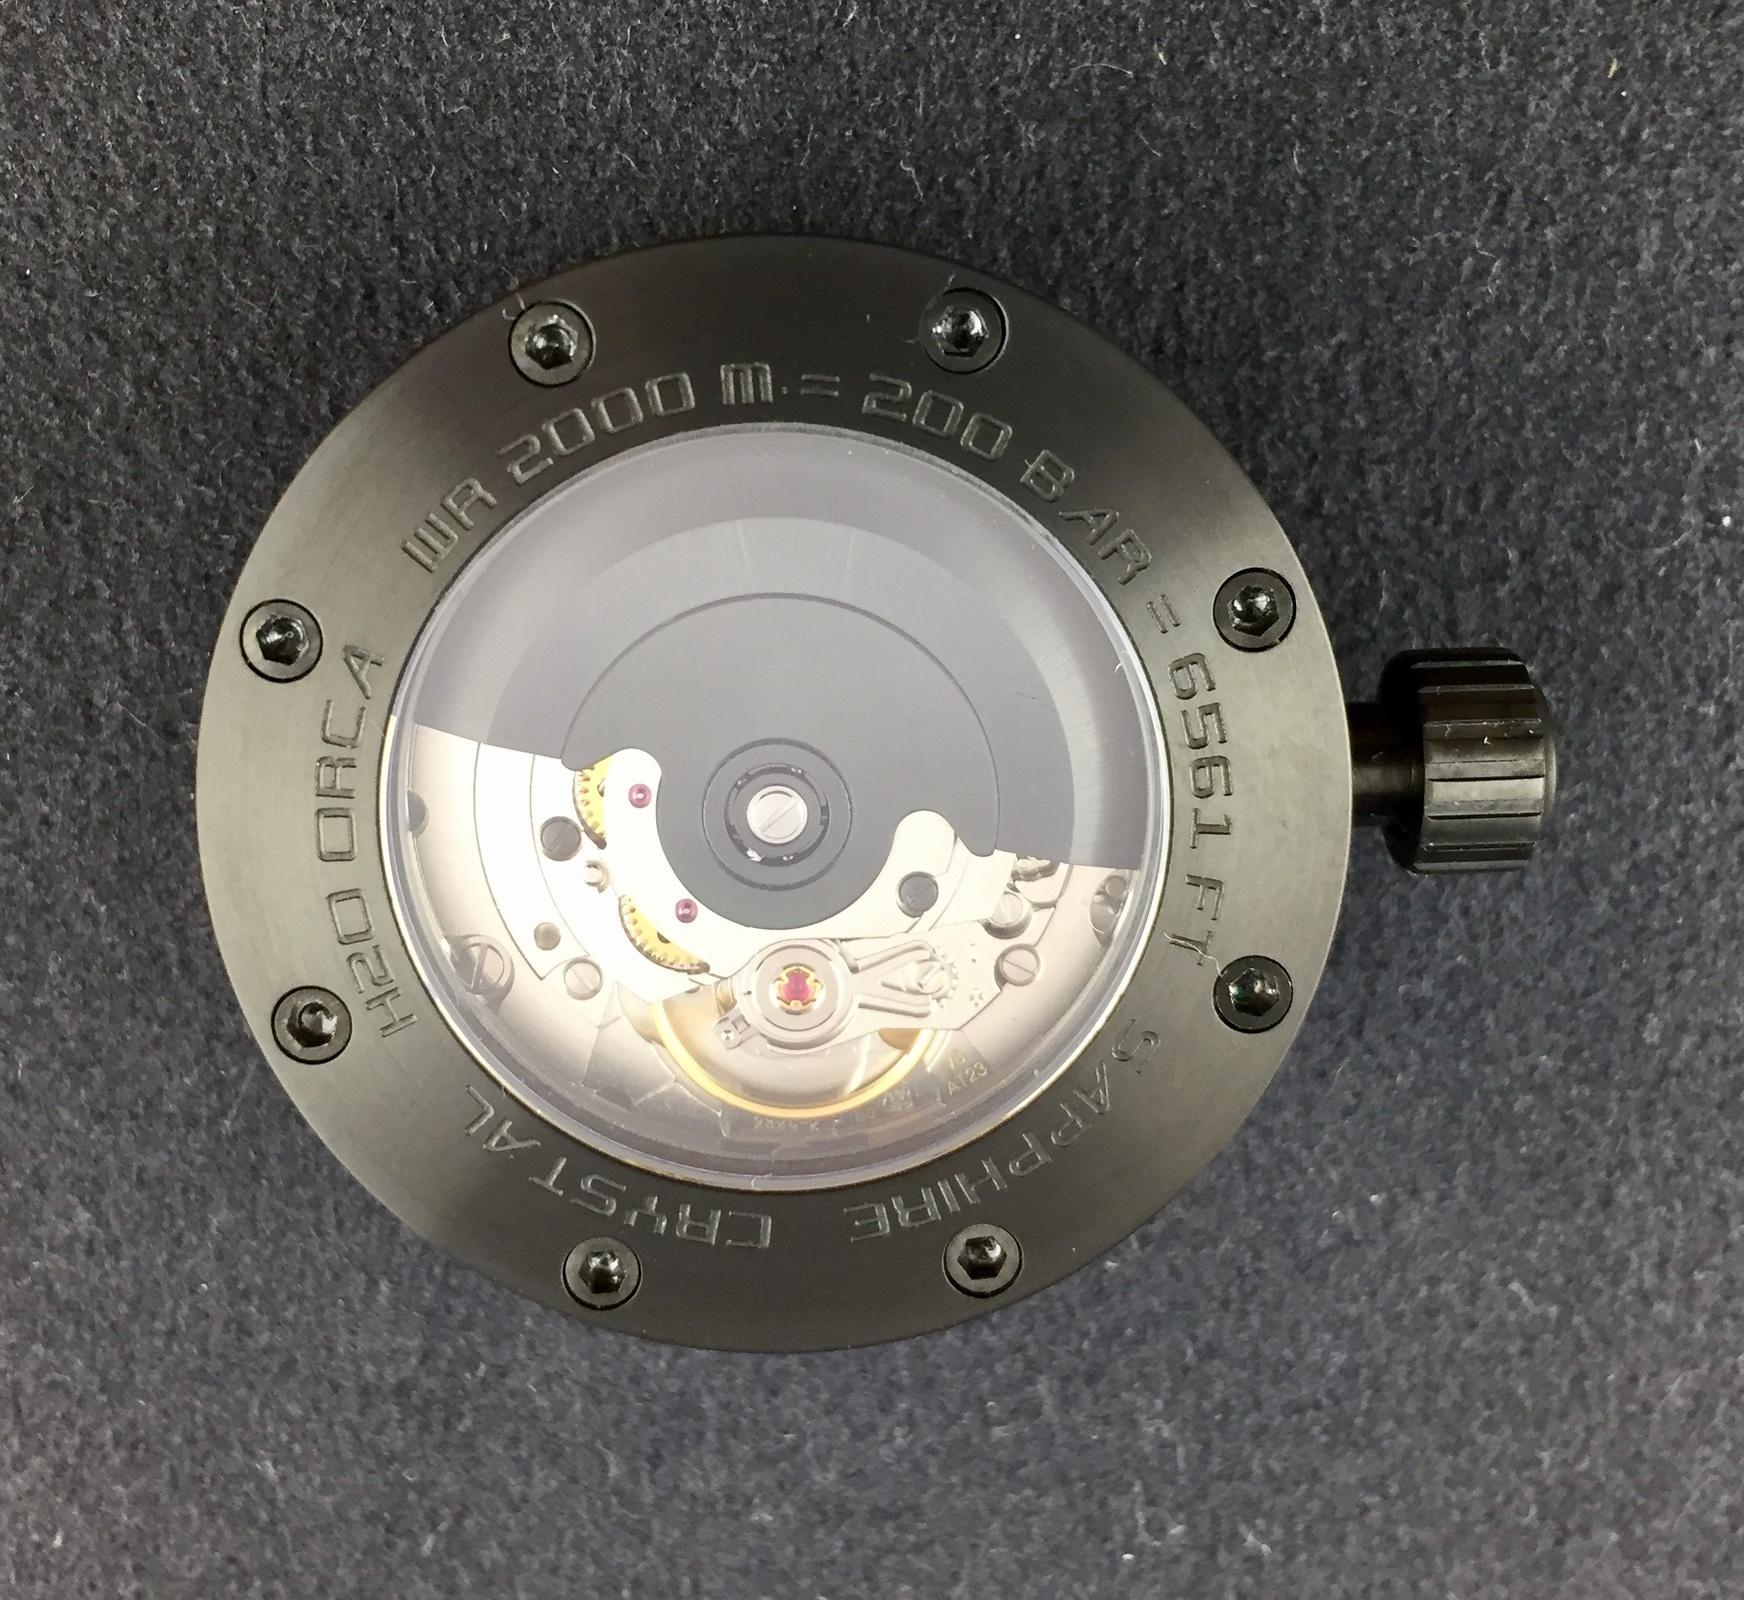 Erledigt] H2O Orca DLC Innengehäuse mit ETA 2824 Rotor DLC sehr ...